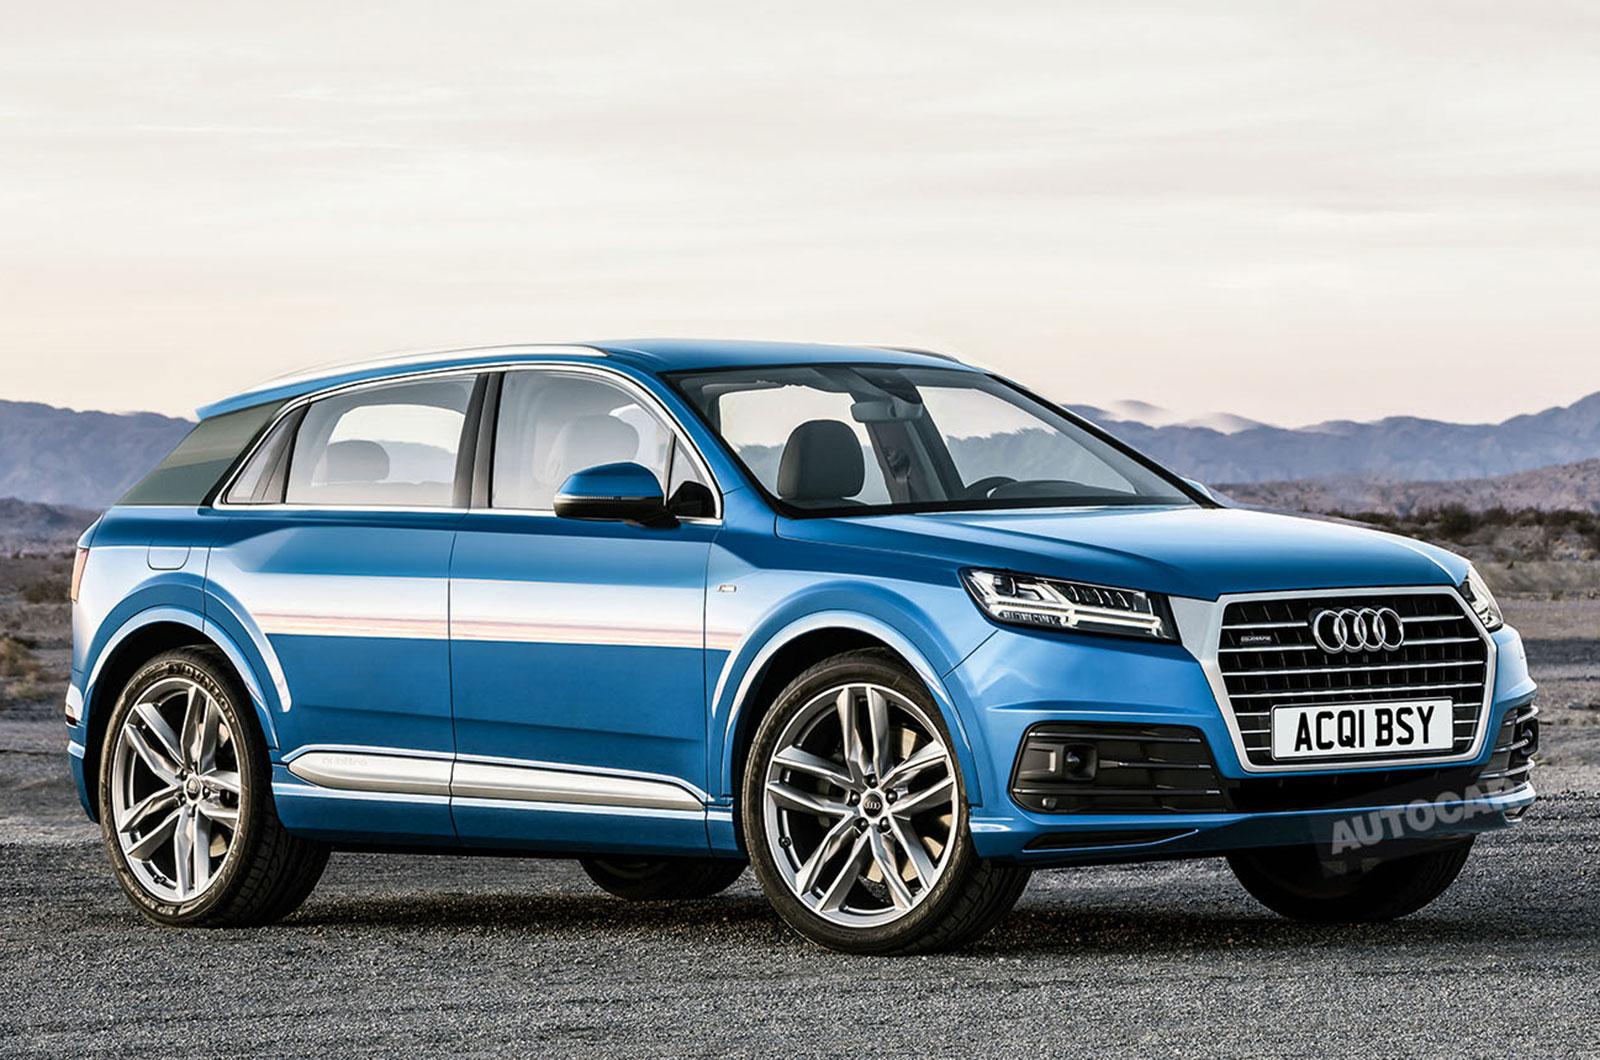 Kekurangan Audi Q1 Top Model Tahun Ini